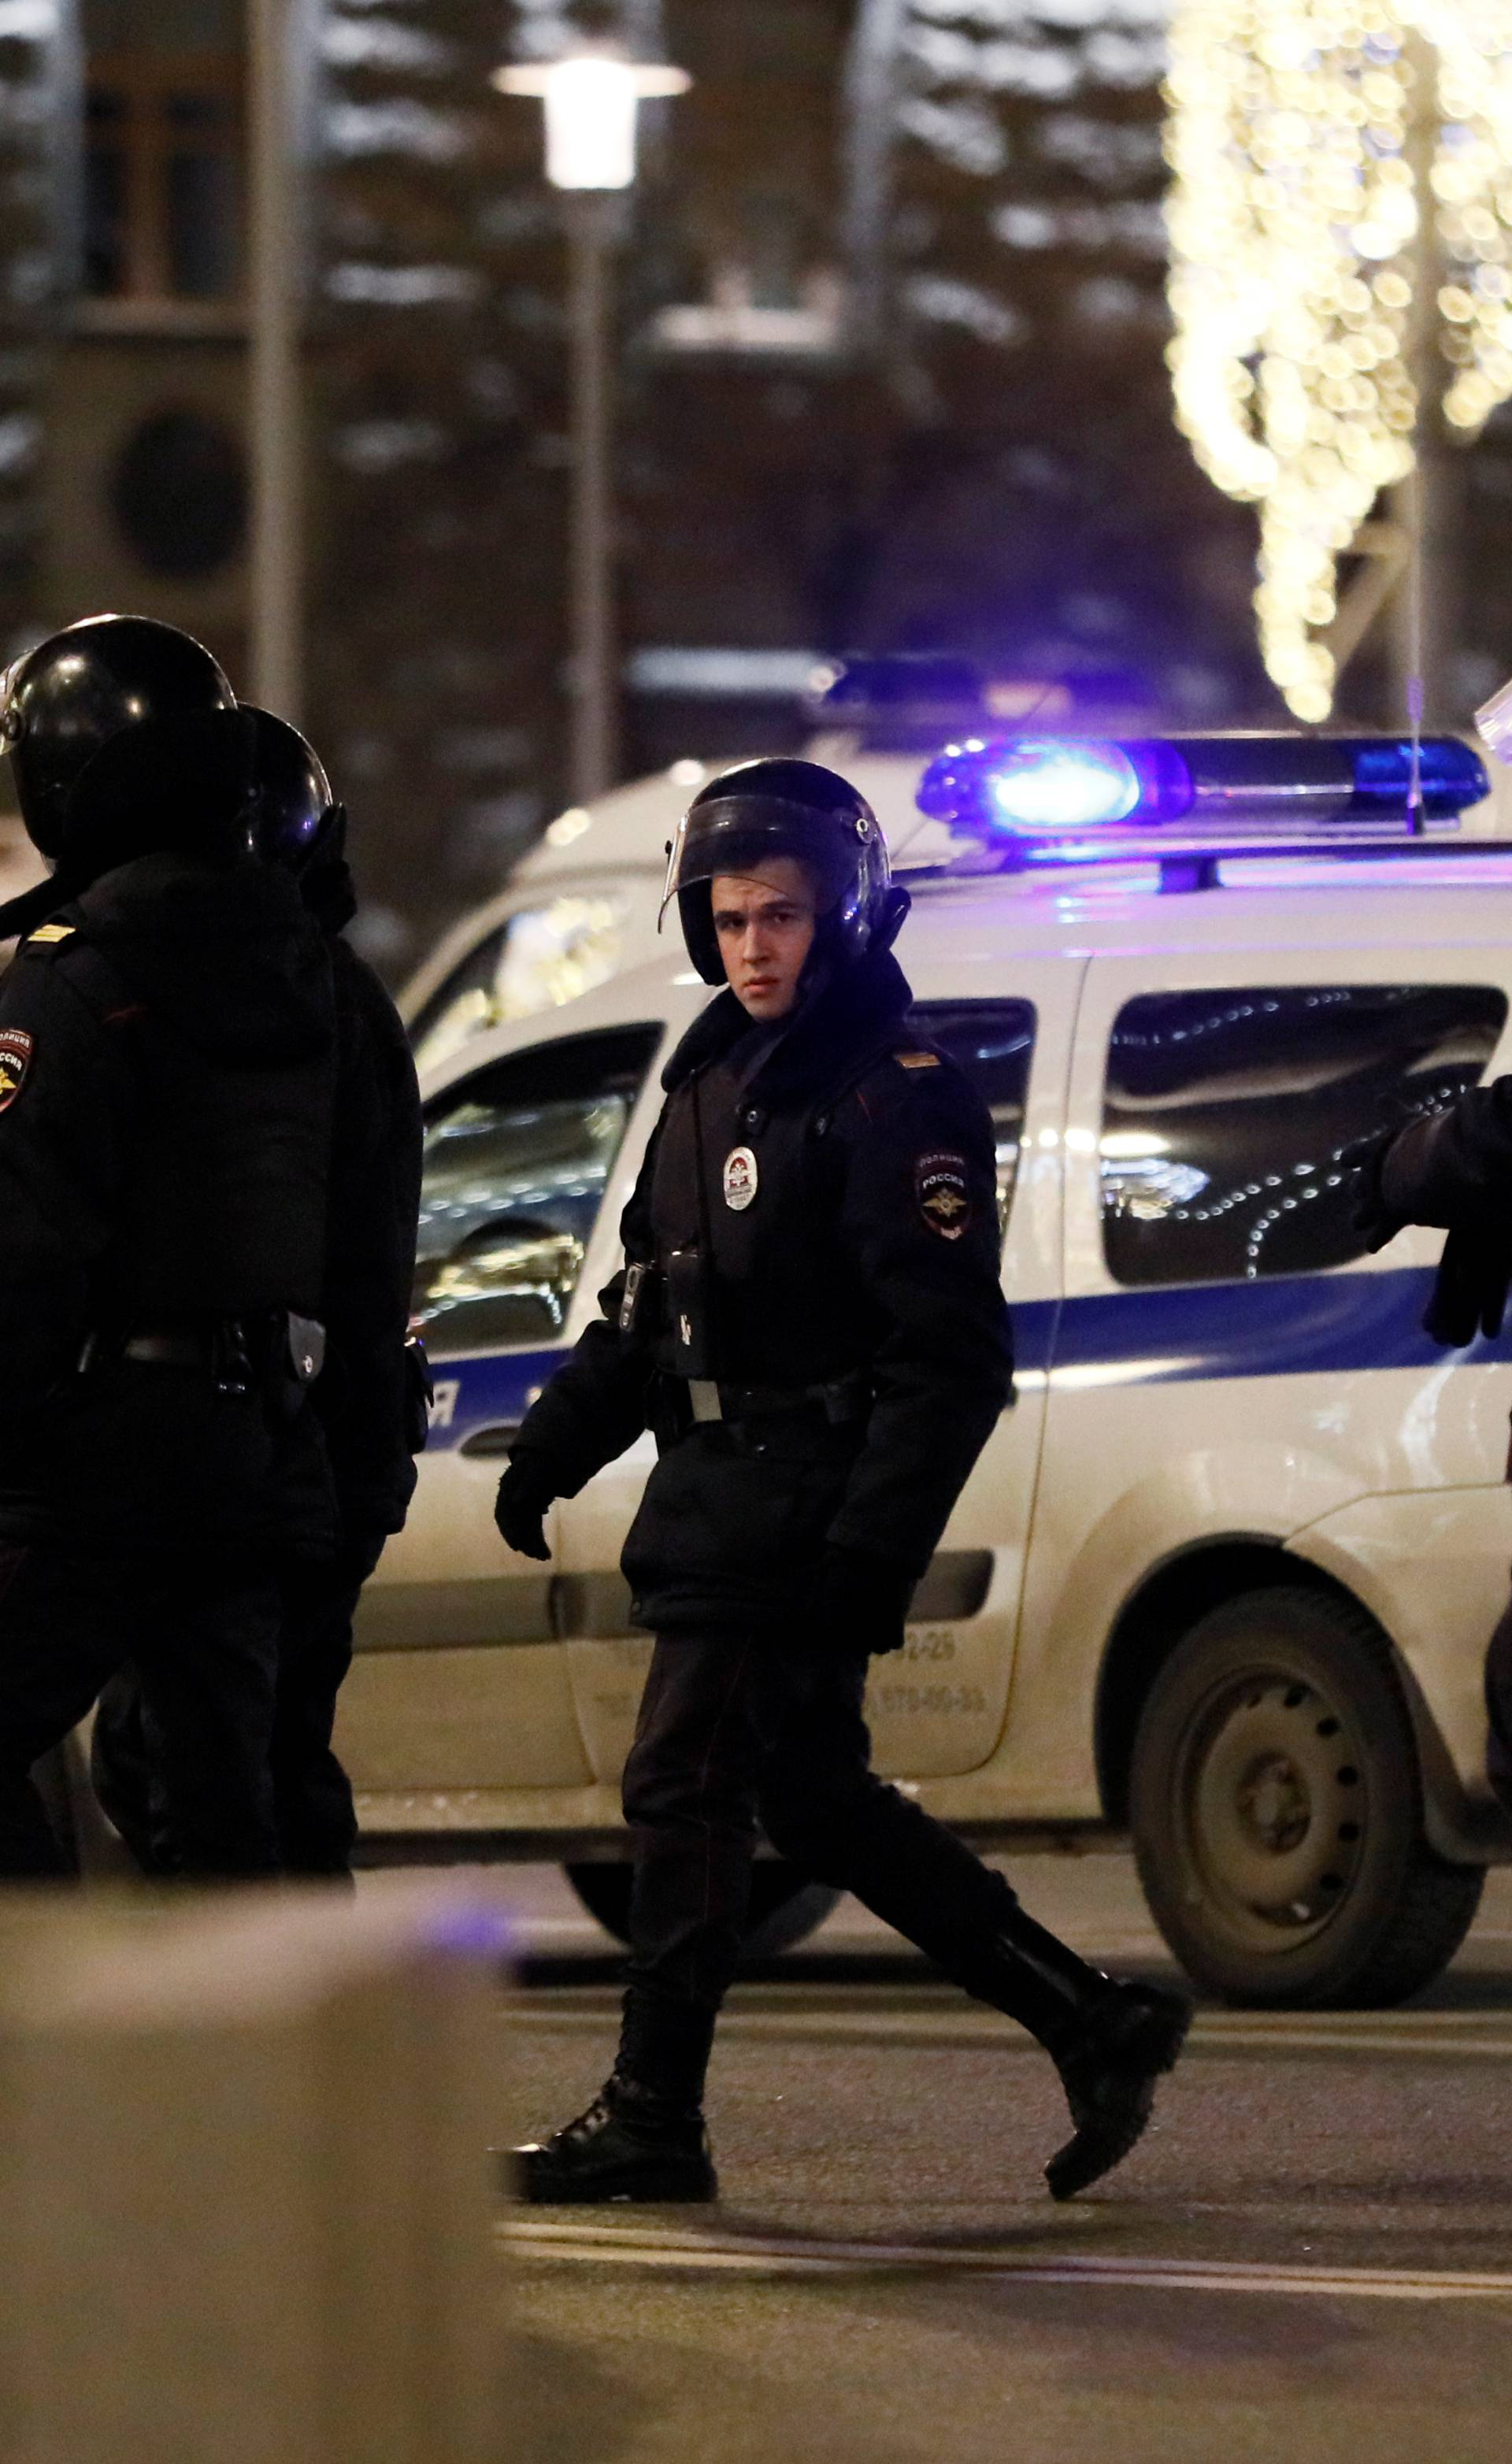 Teroristički napad u Moskvi jučer je izveo Rus 'usamljenik'